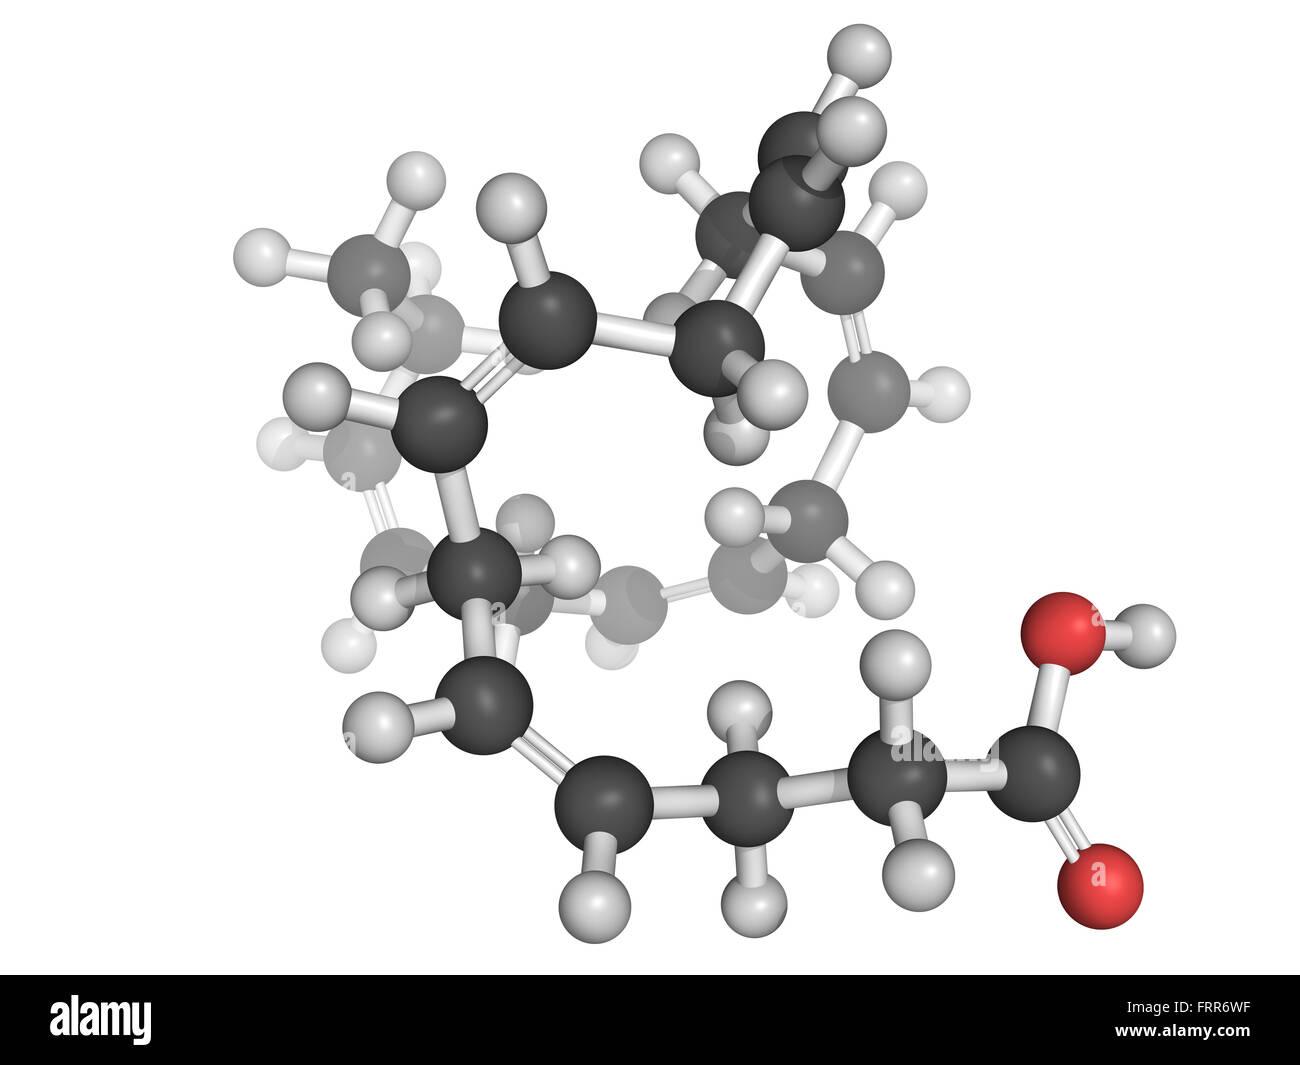 Docosahexaenoic acid dha omega 3 fatty acid molecule chemical docosahexaenoic acid dha omega 3 fatty acid molecule chemical structure pooptronica